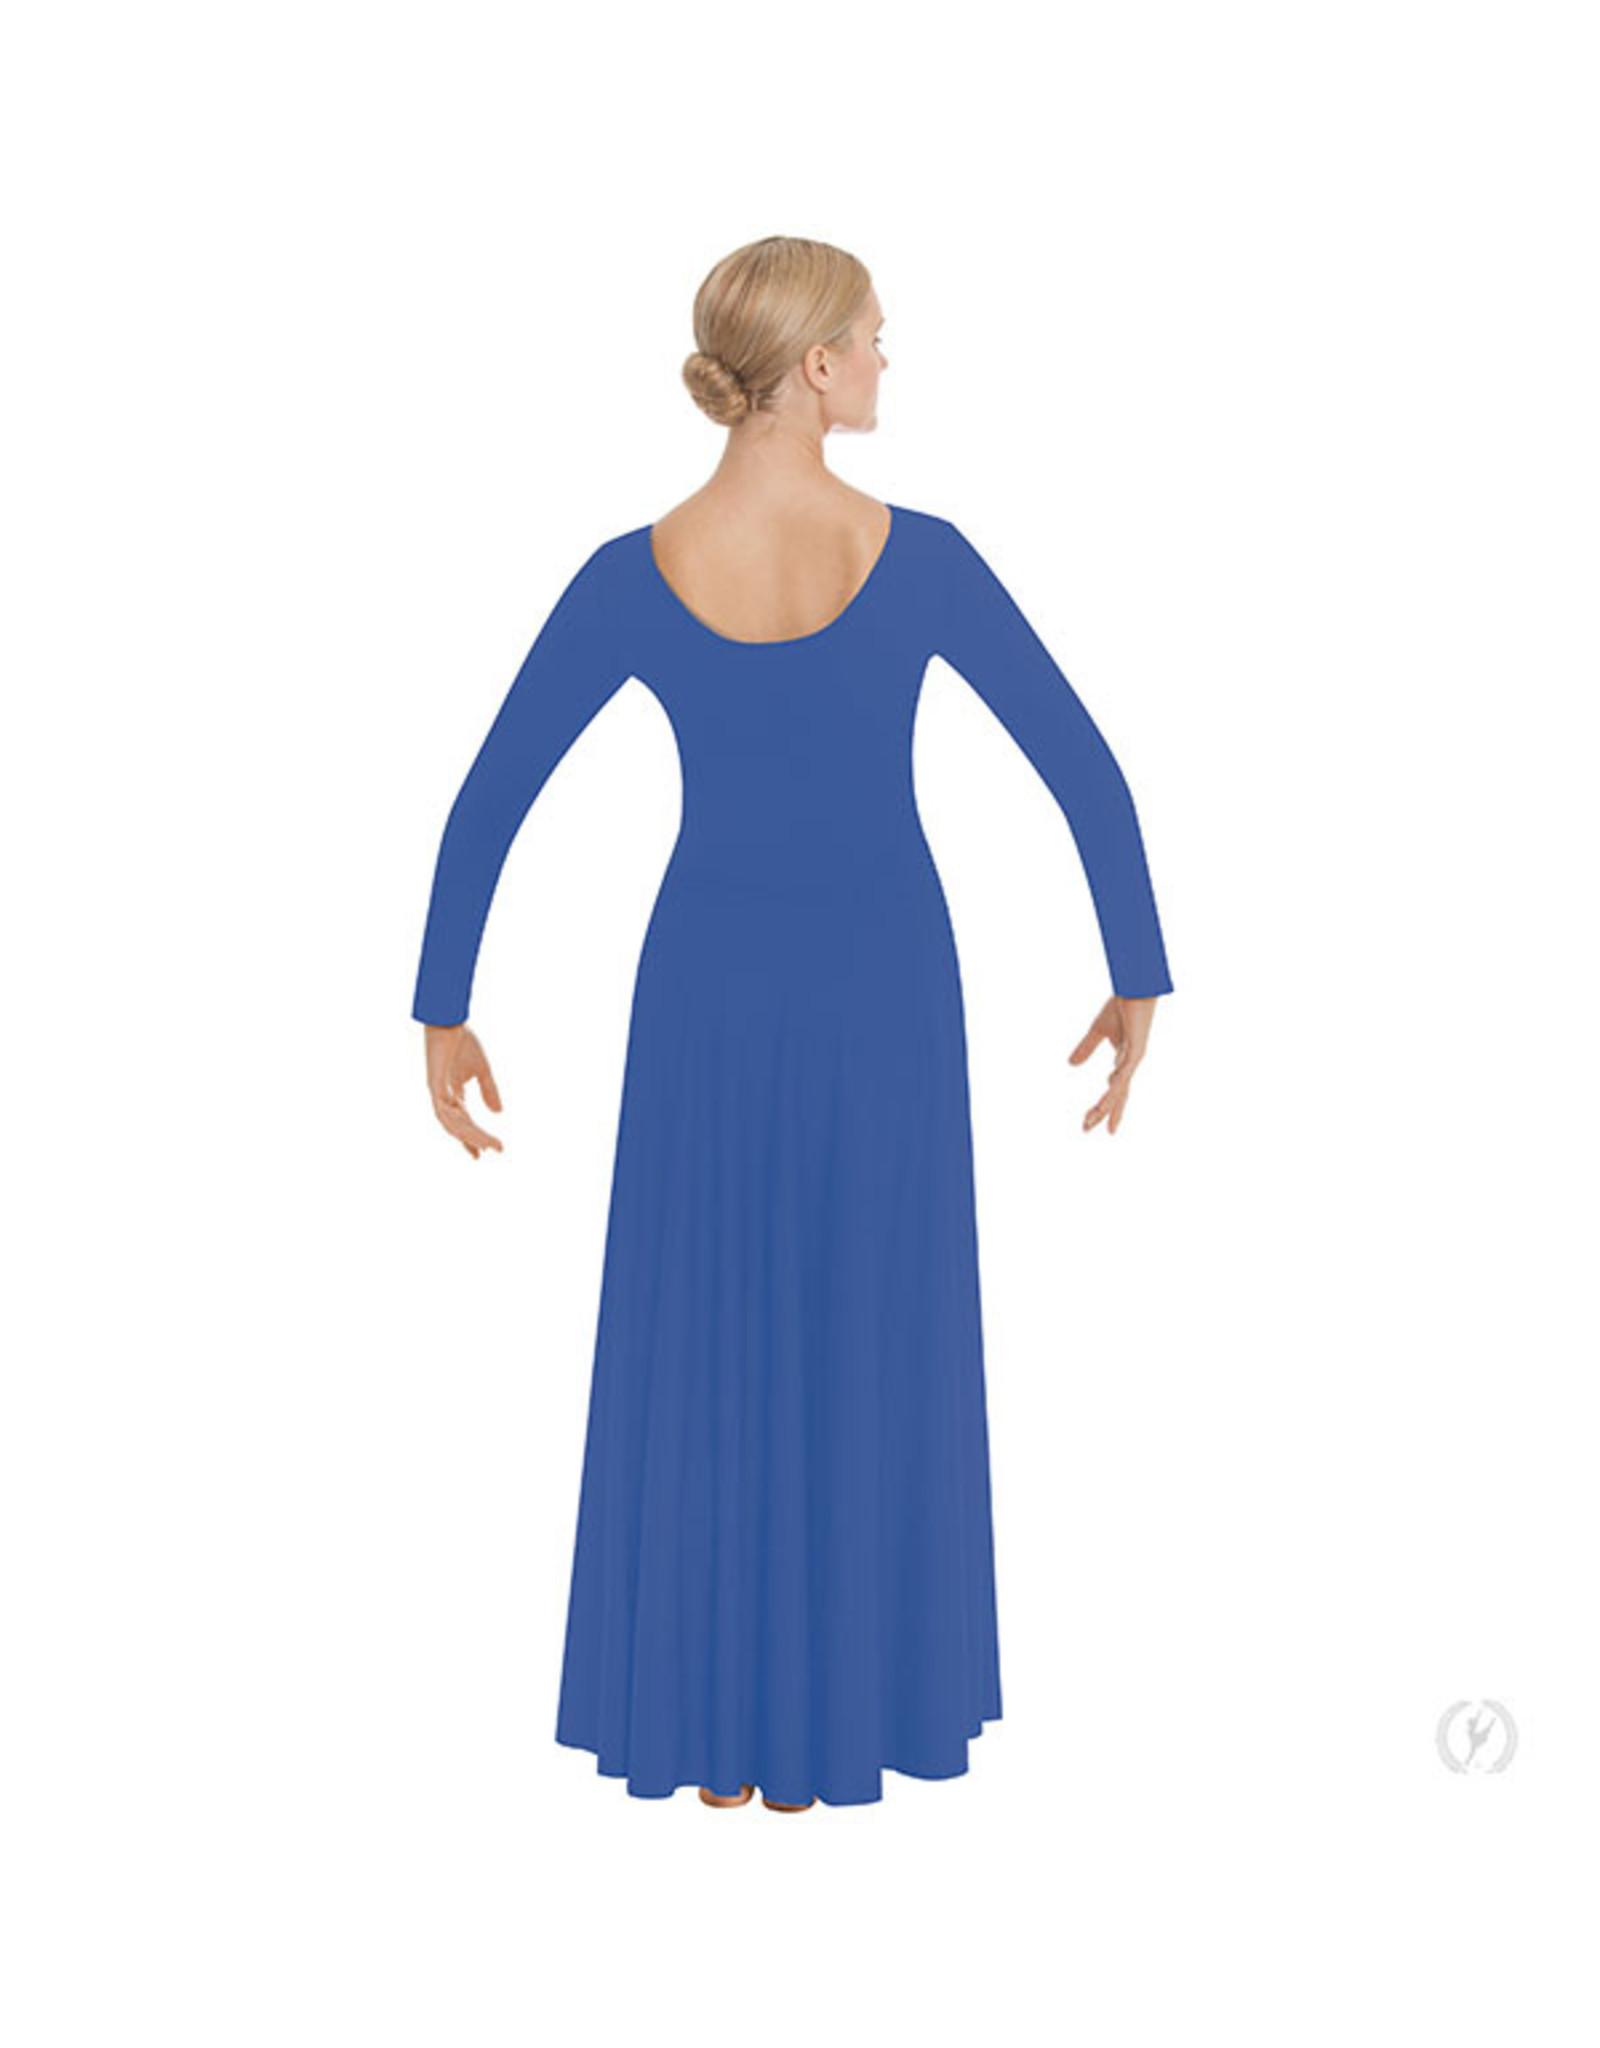 Eurotard 13524 Adult Dancer Dress  BLUE